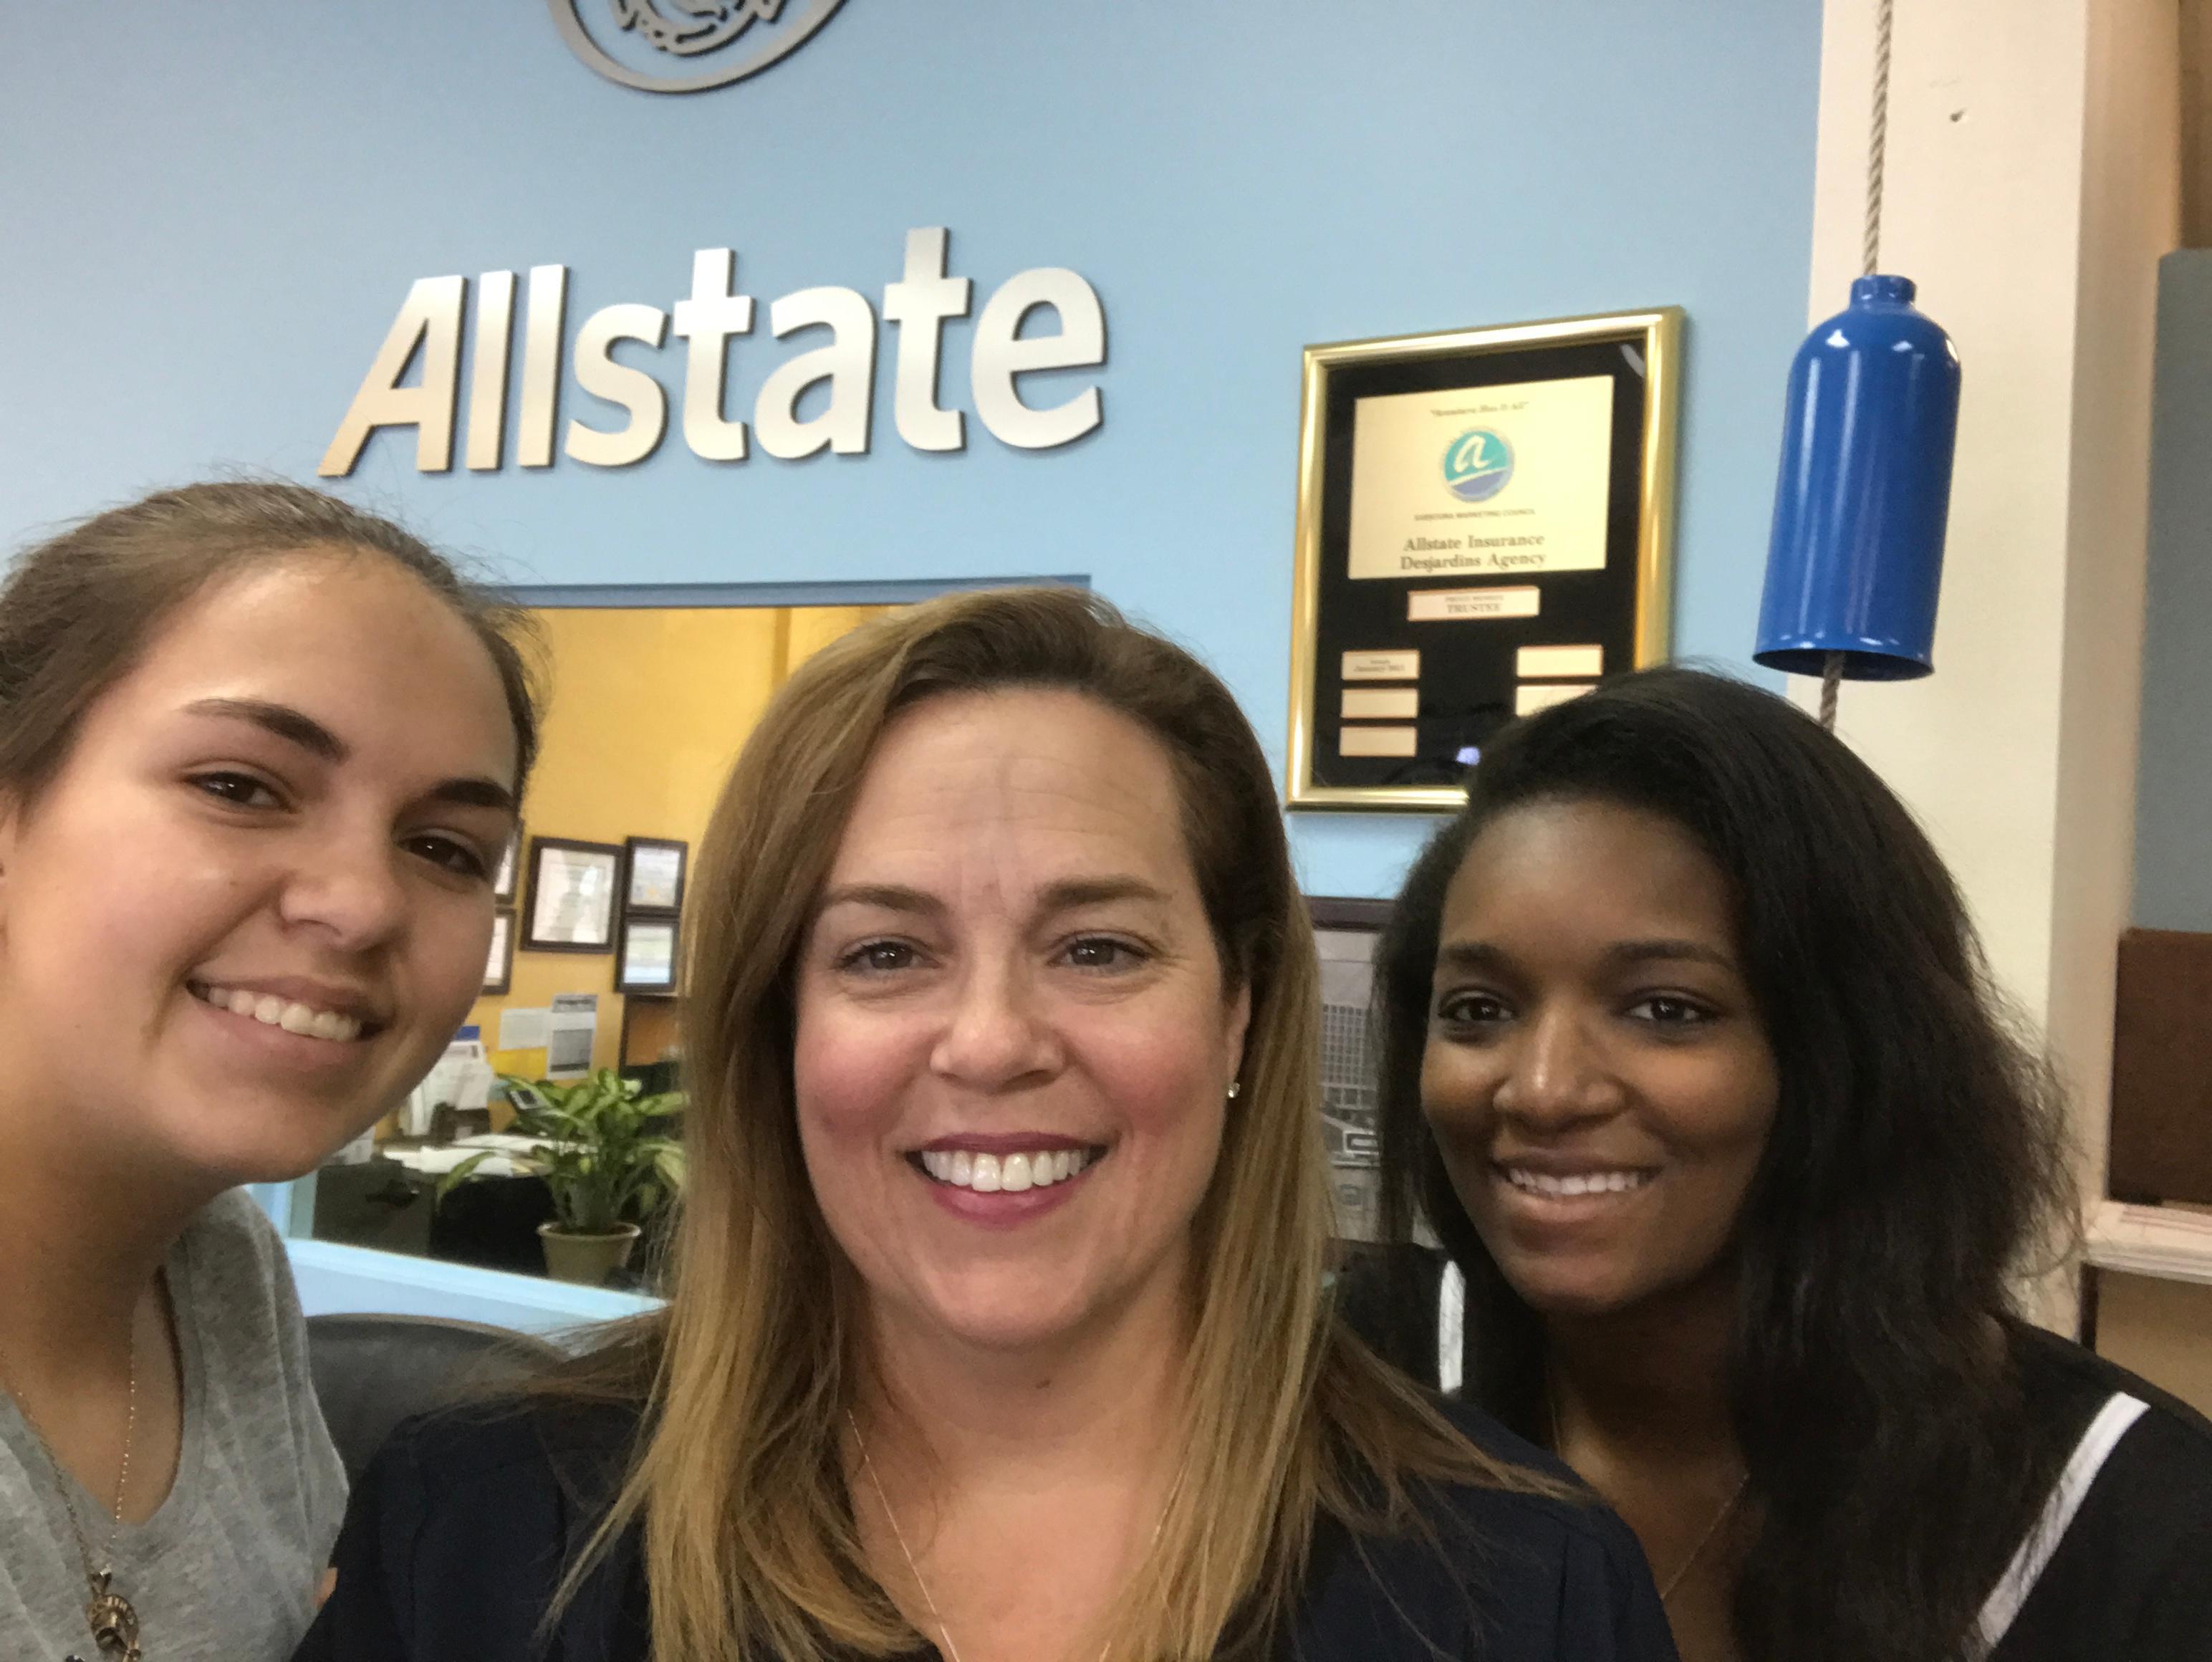 Michelle Priestman Desjardins: Allstate Insurance image 60